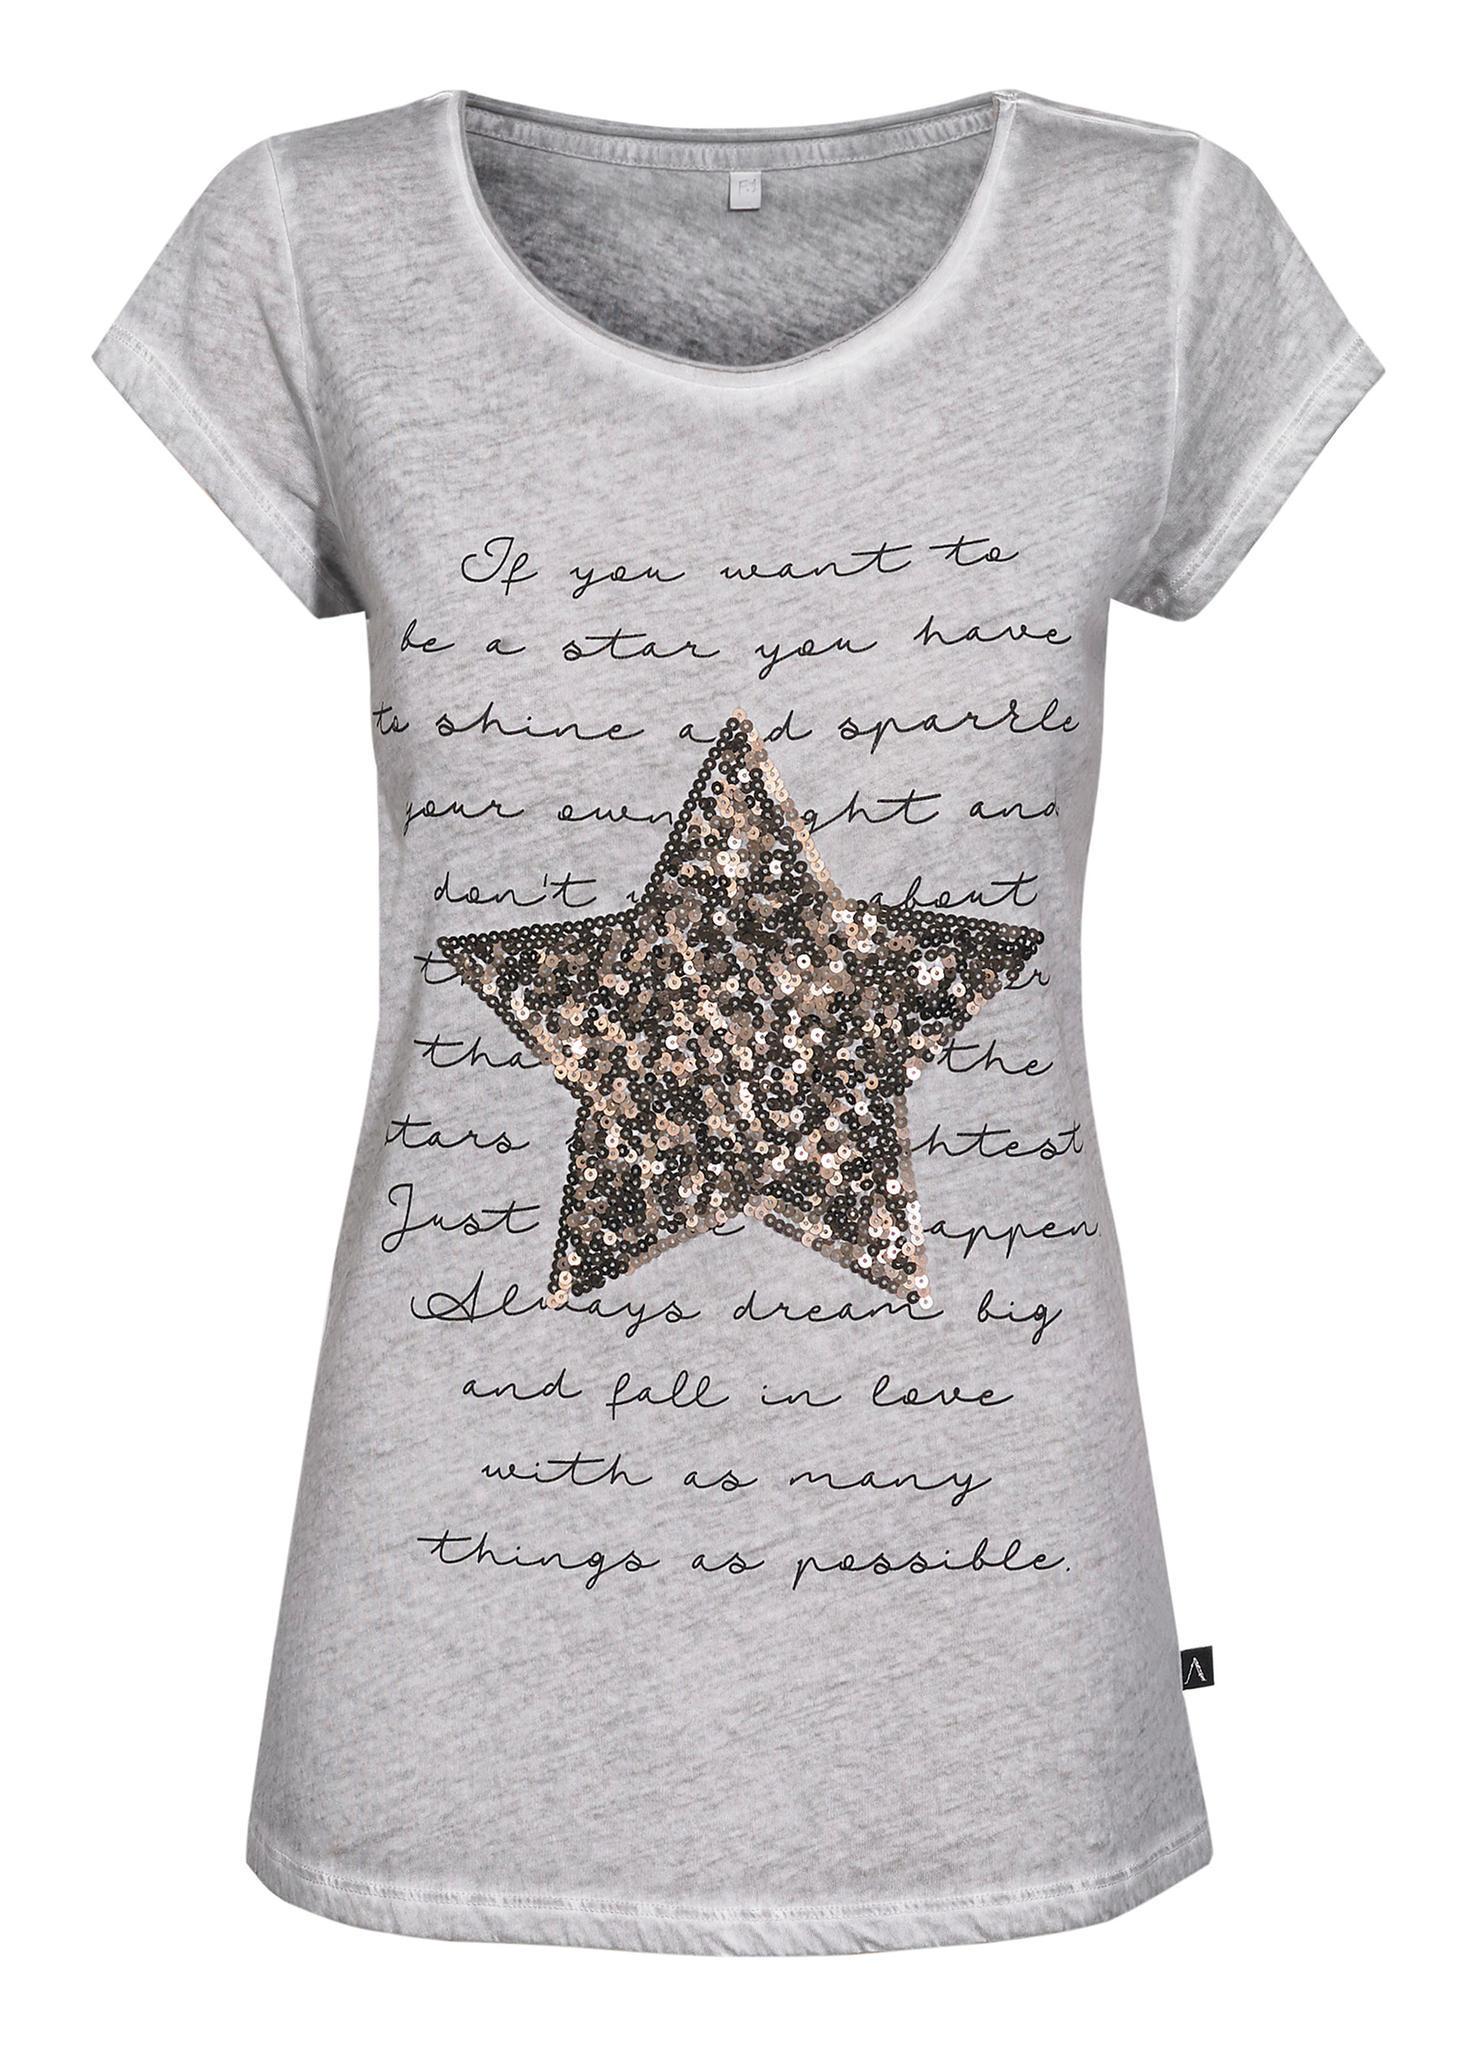 T-Shirt von Anastacia für Aldi Süd